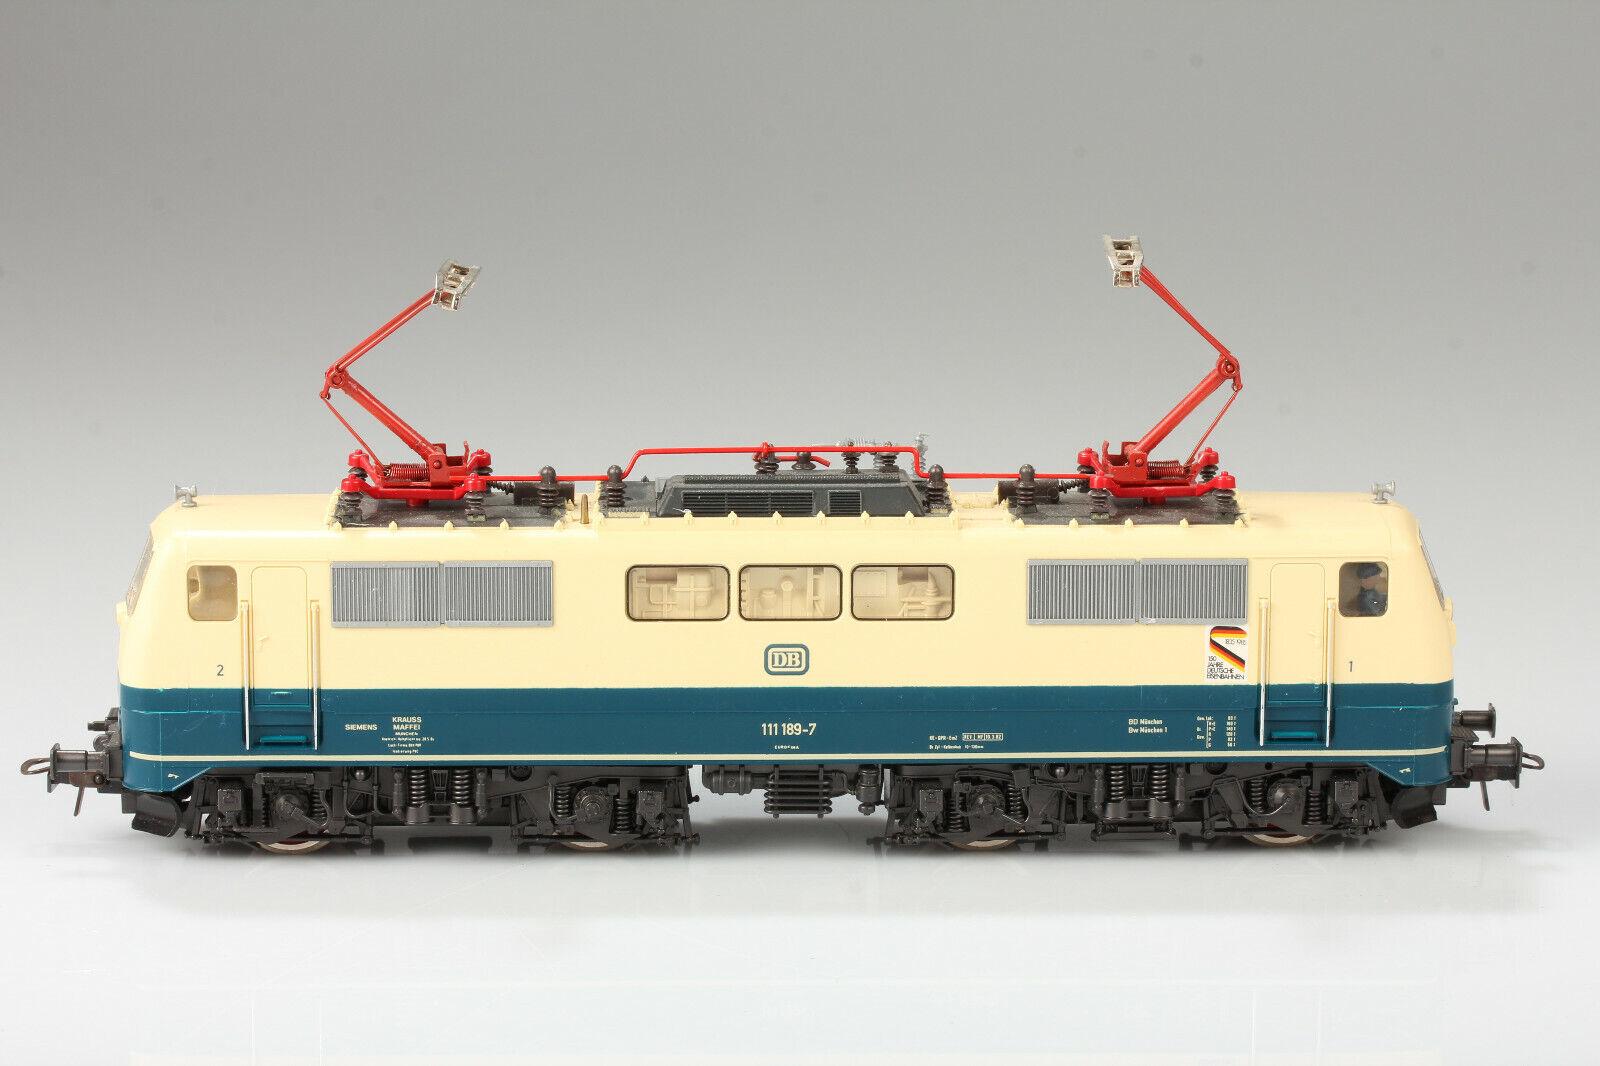 Roco h0 DB br 111 189-7 150 años corre-luz aceptar la suciedad pica deficiencias